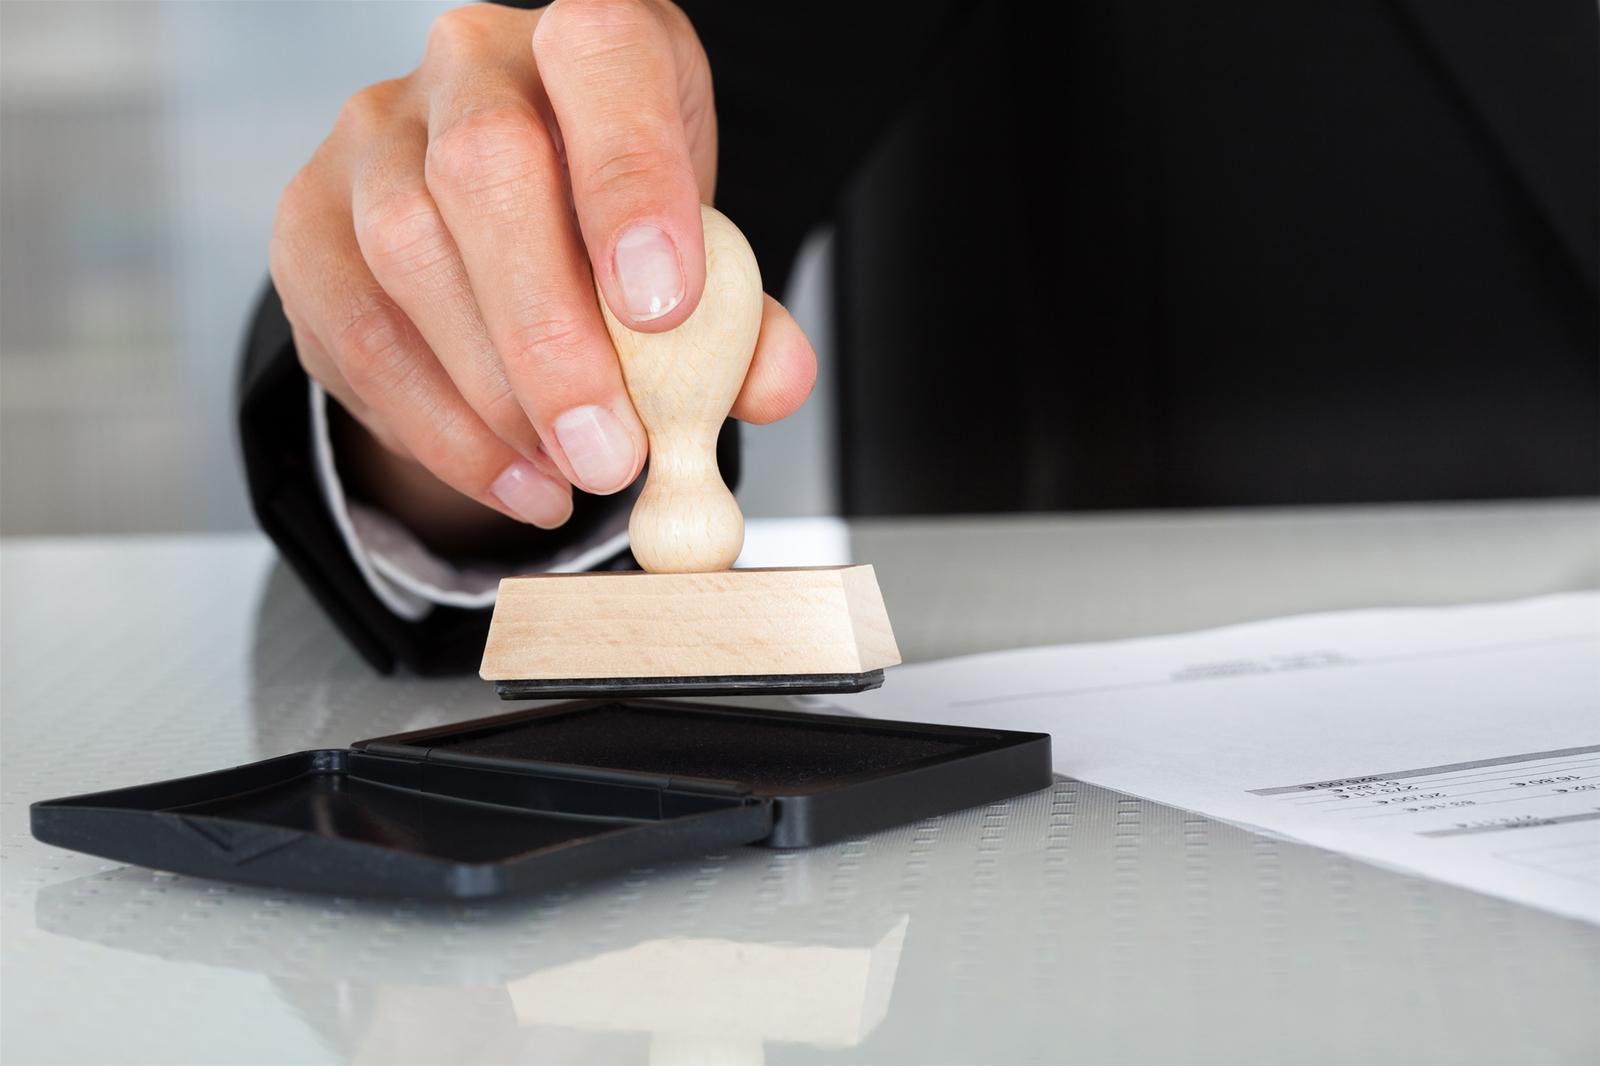 Tư vấn điều kiện kinh doanh ngành nghề sản xuất con dấu